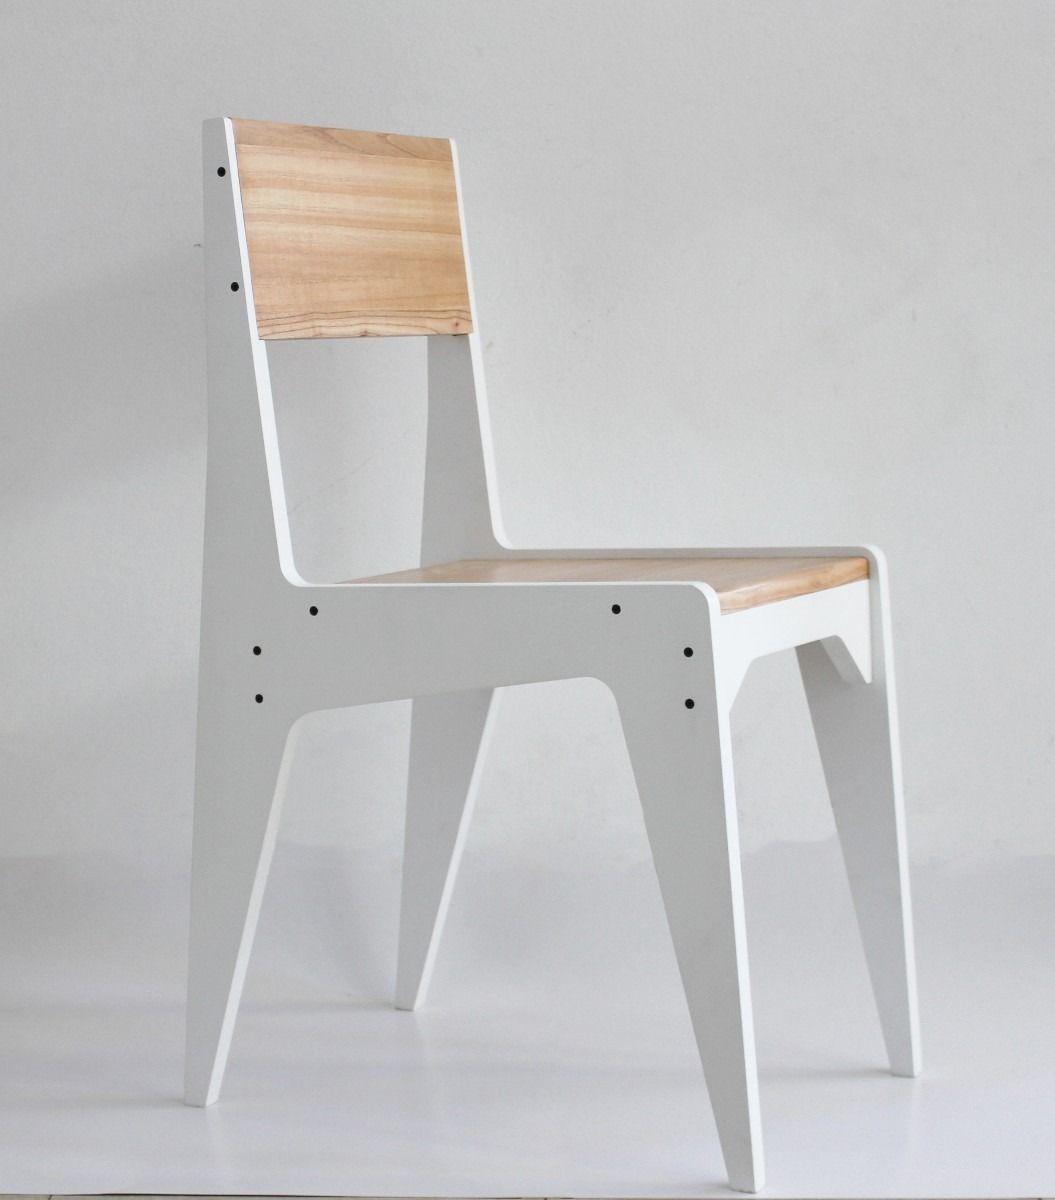 Sillas madera paraiso dise o muebles en for Diseno de muebles de madera